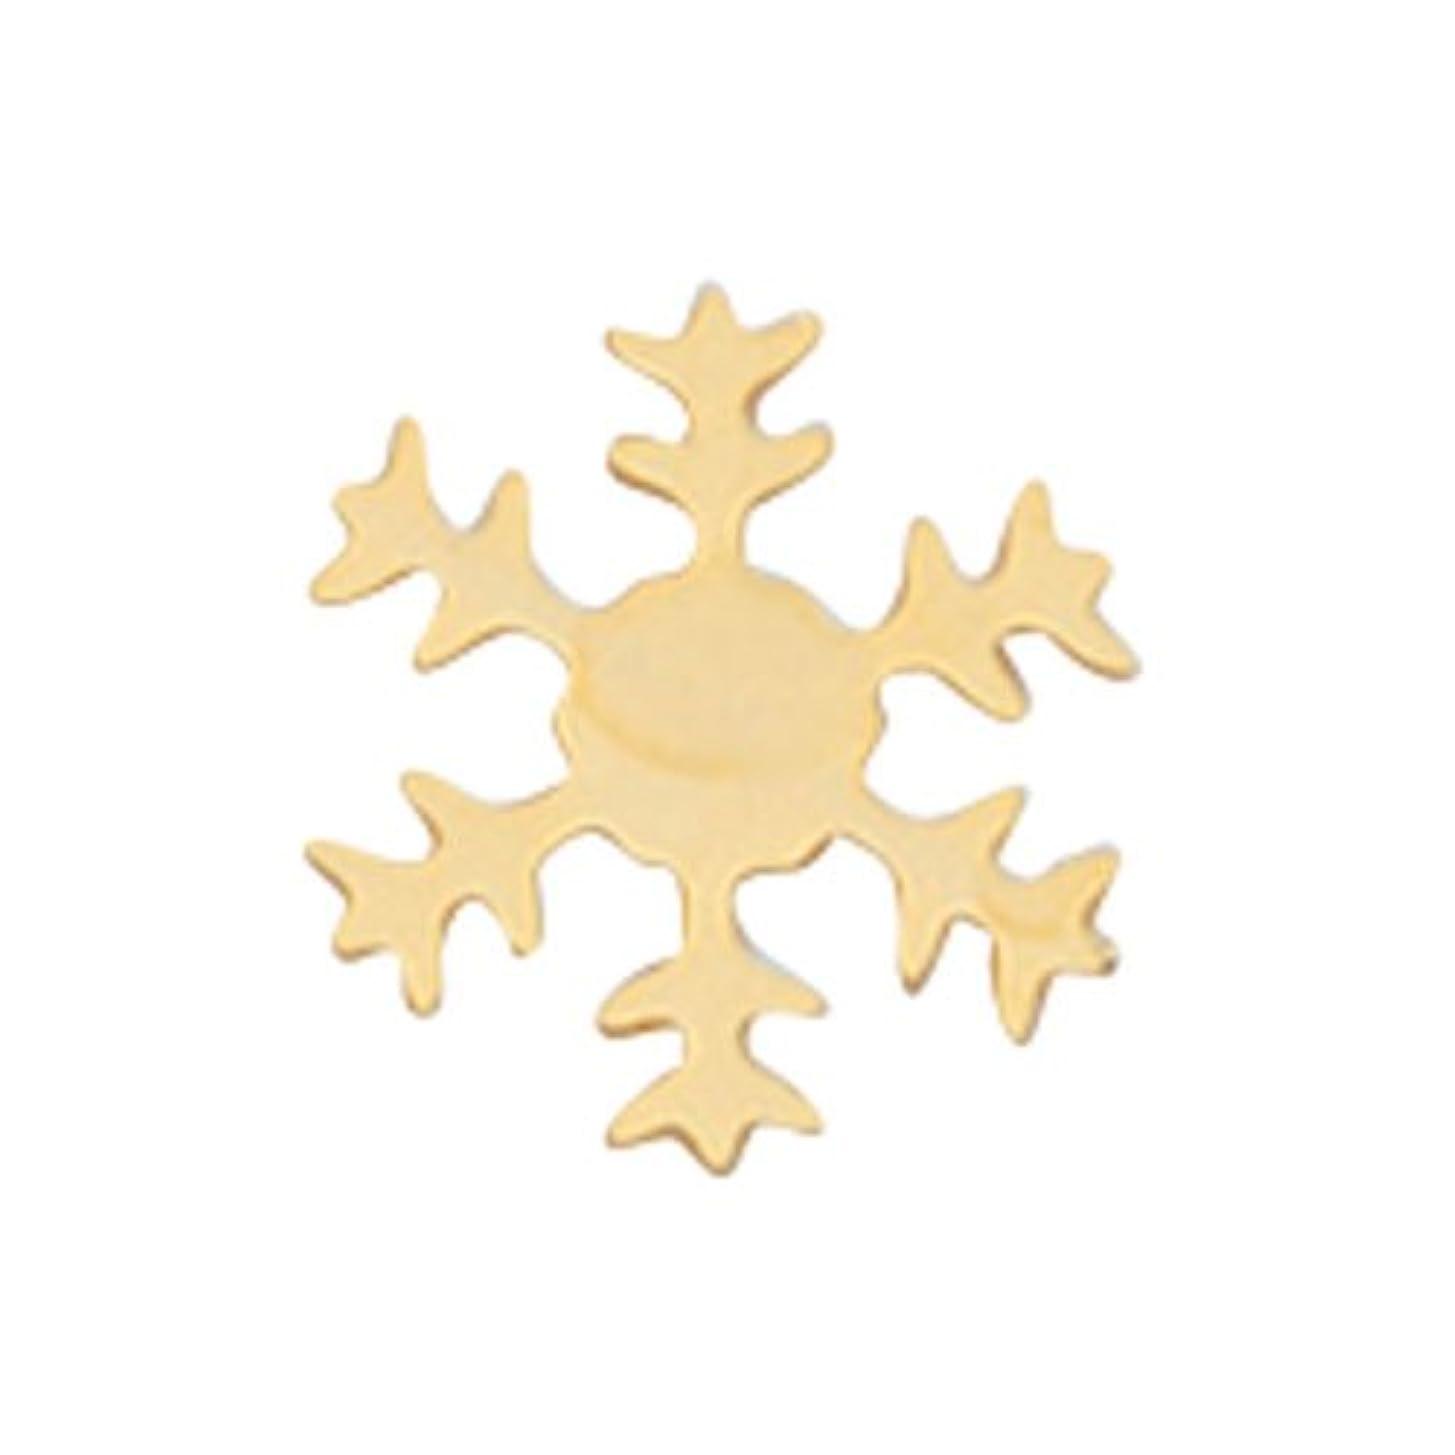 マイルド知るパワーリトルプリティー ネイルアートパーツ スノーフレーク SS ゴールド 10個